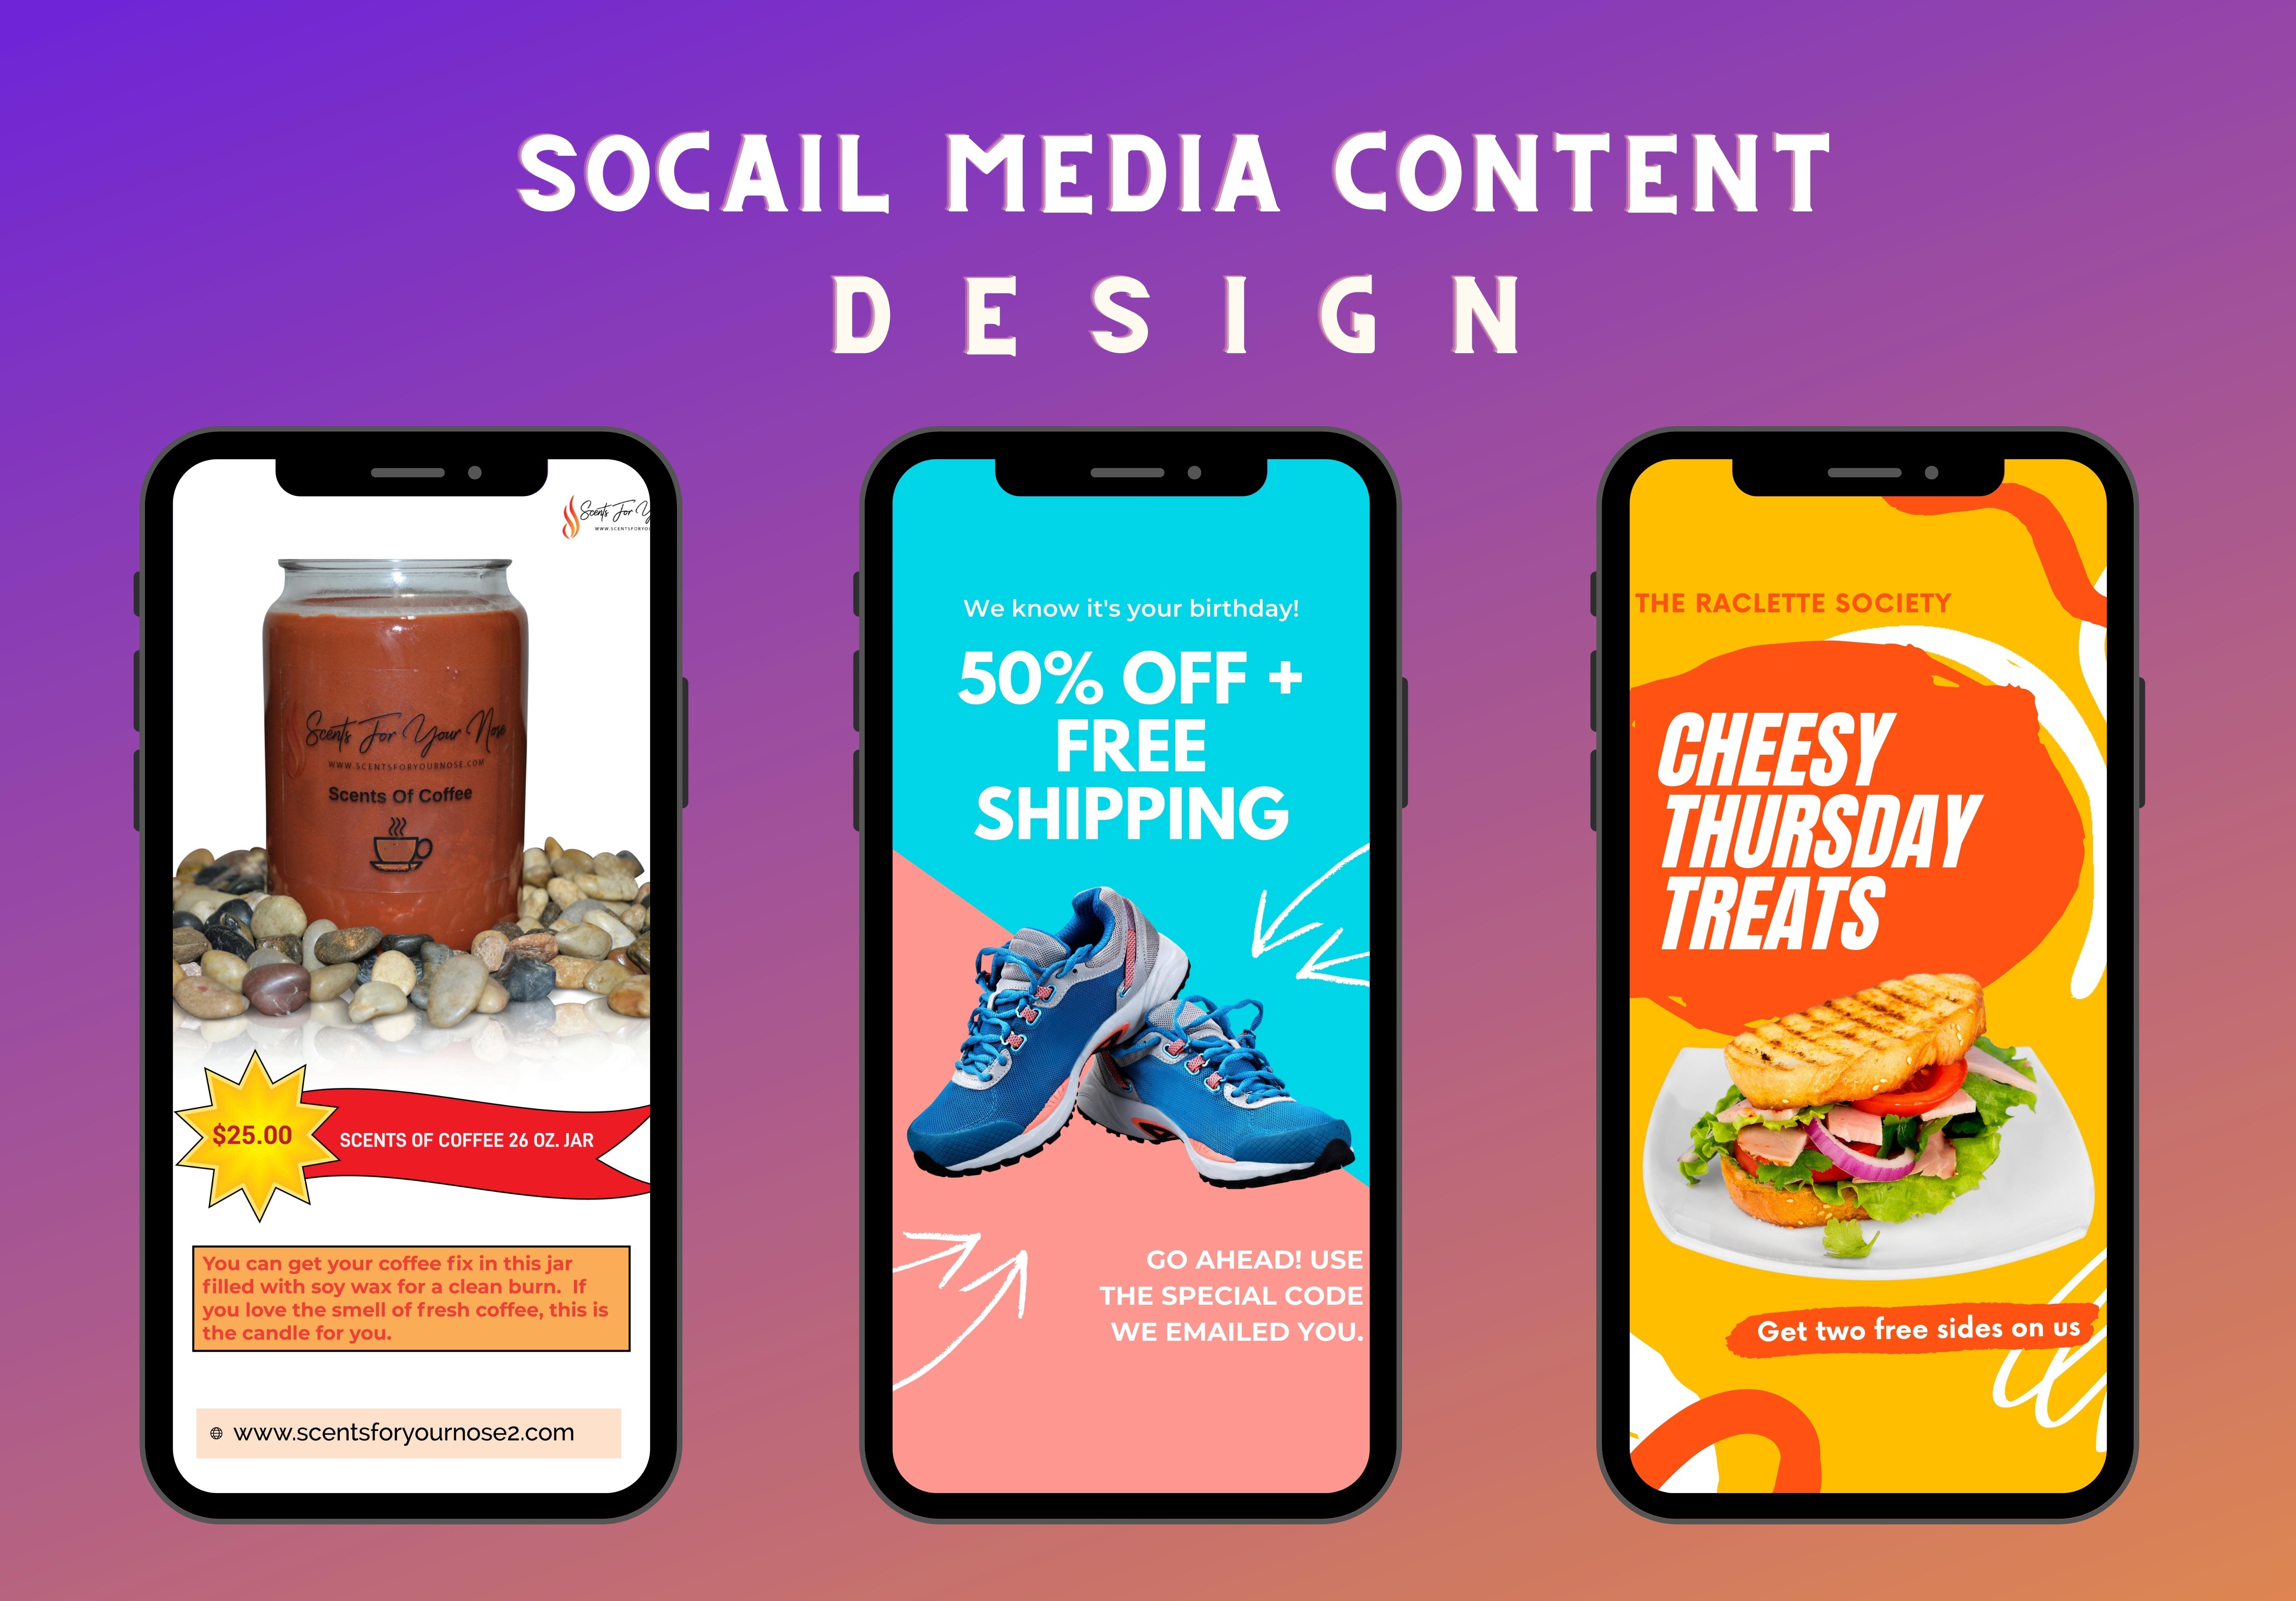 I Will 3 Social Media Content Design Pinterest Pin Facebook Ad Instagram Post